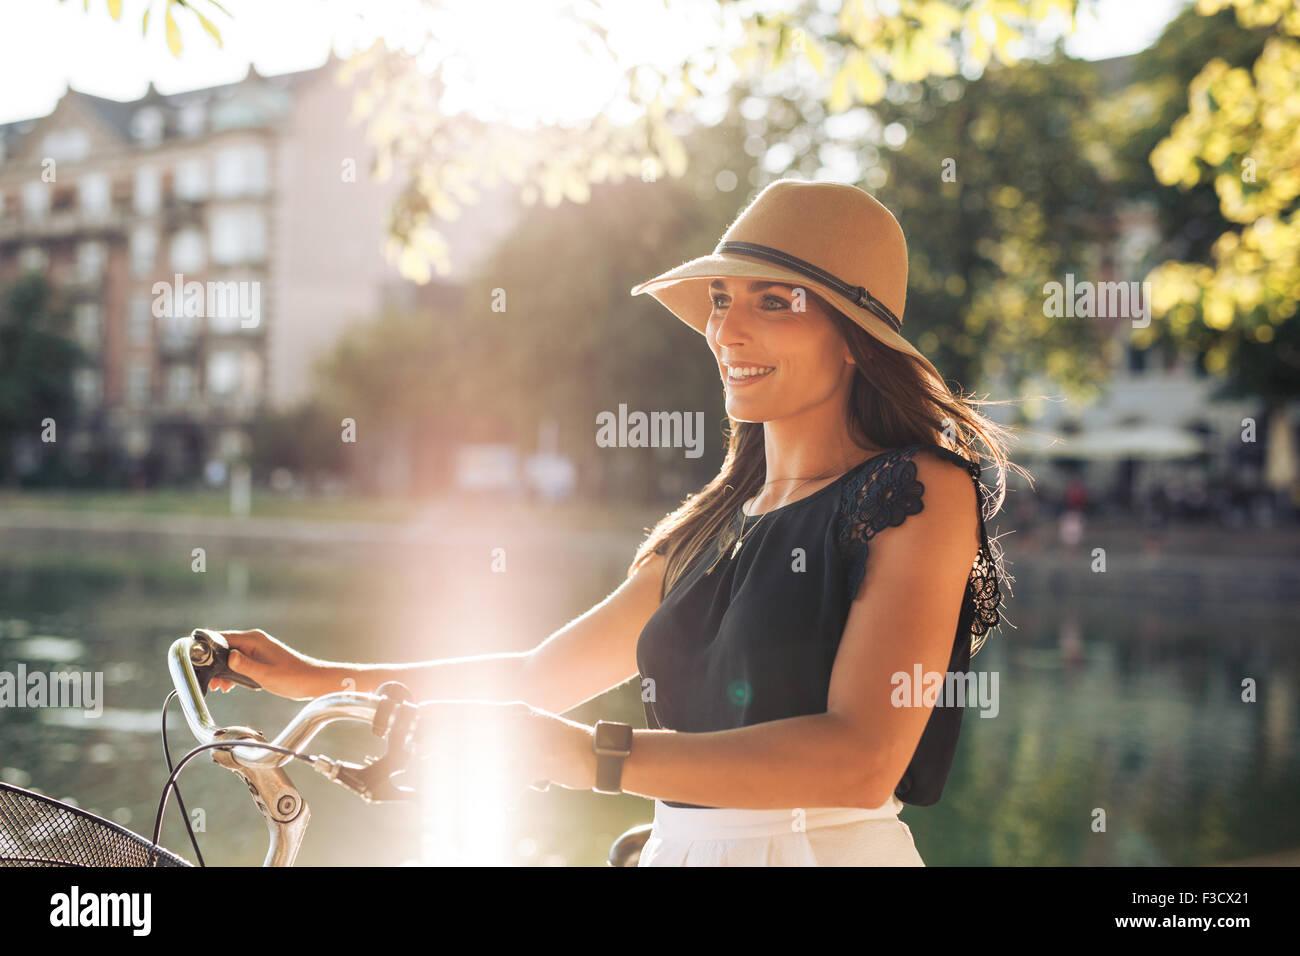 Retrato de mujer joven feliz en el parque de la ciudad, caminando junto a un estanque con su bicicleta. Modelo femenino Imagen De Stock